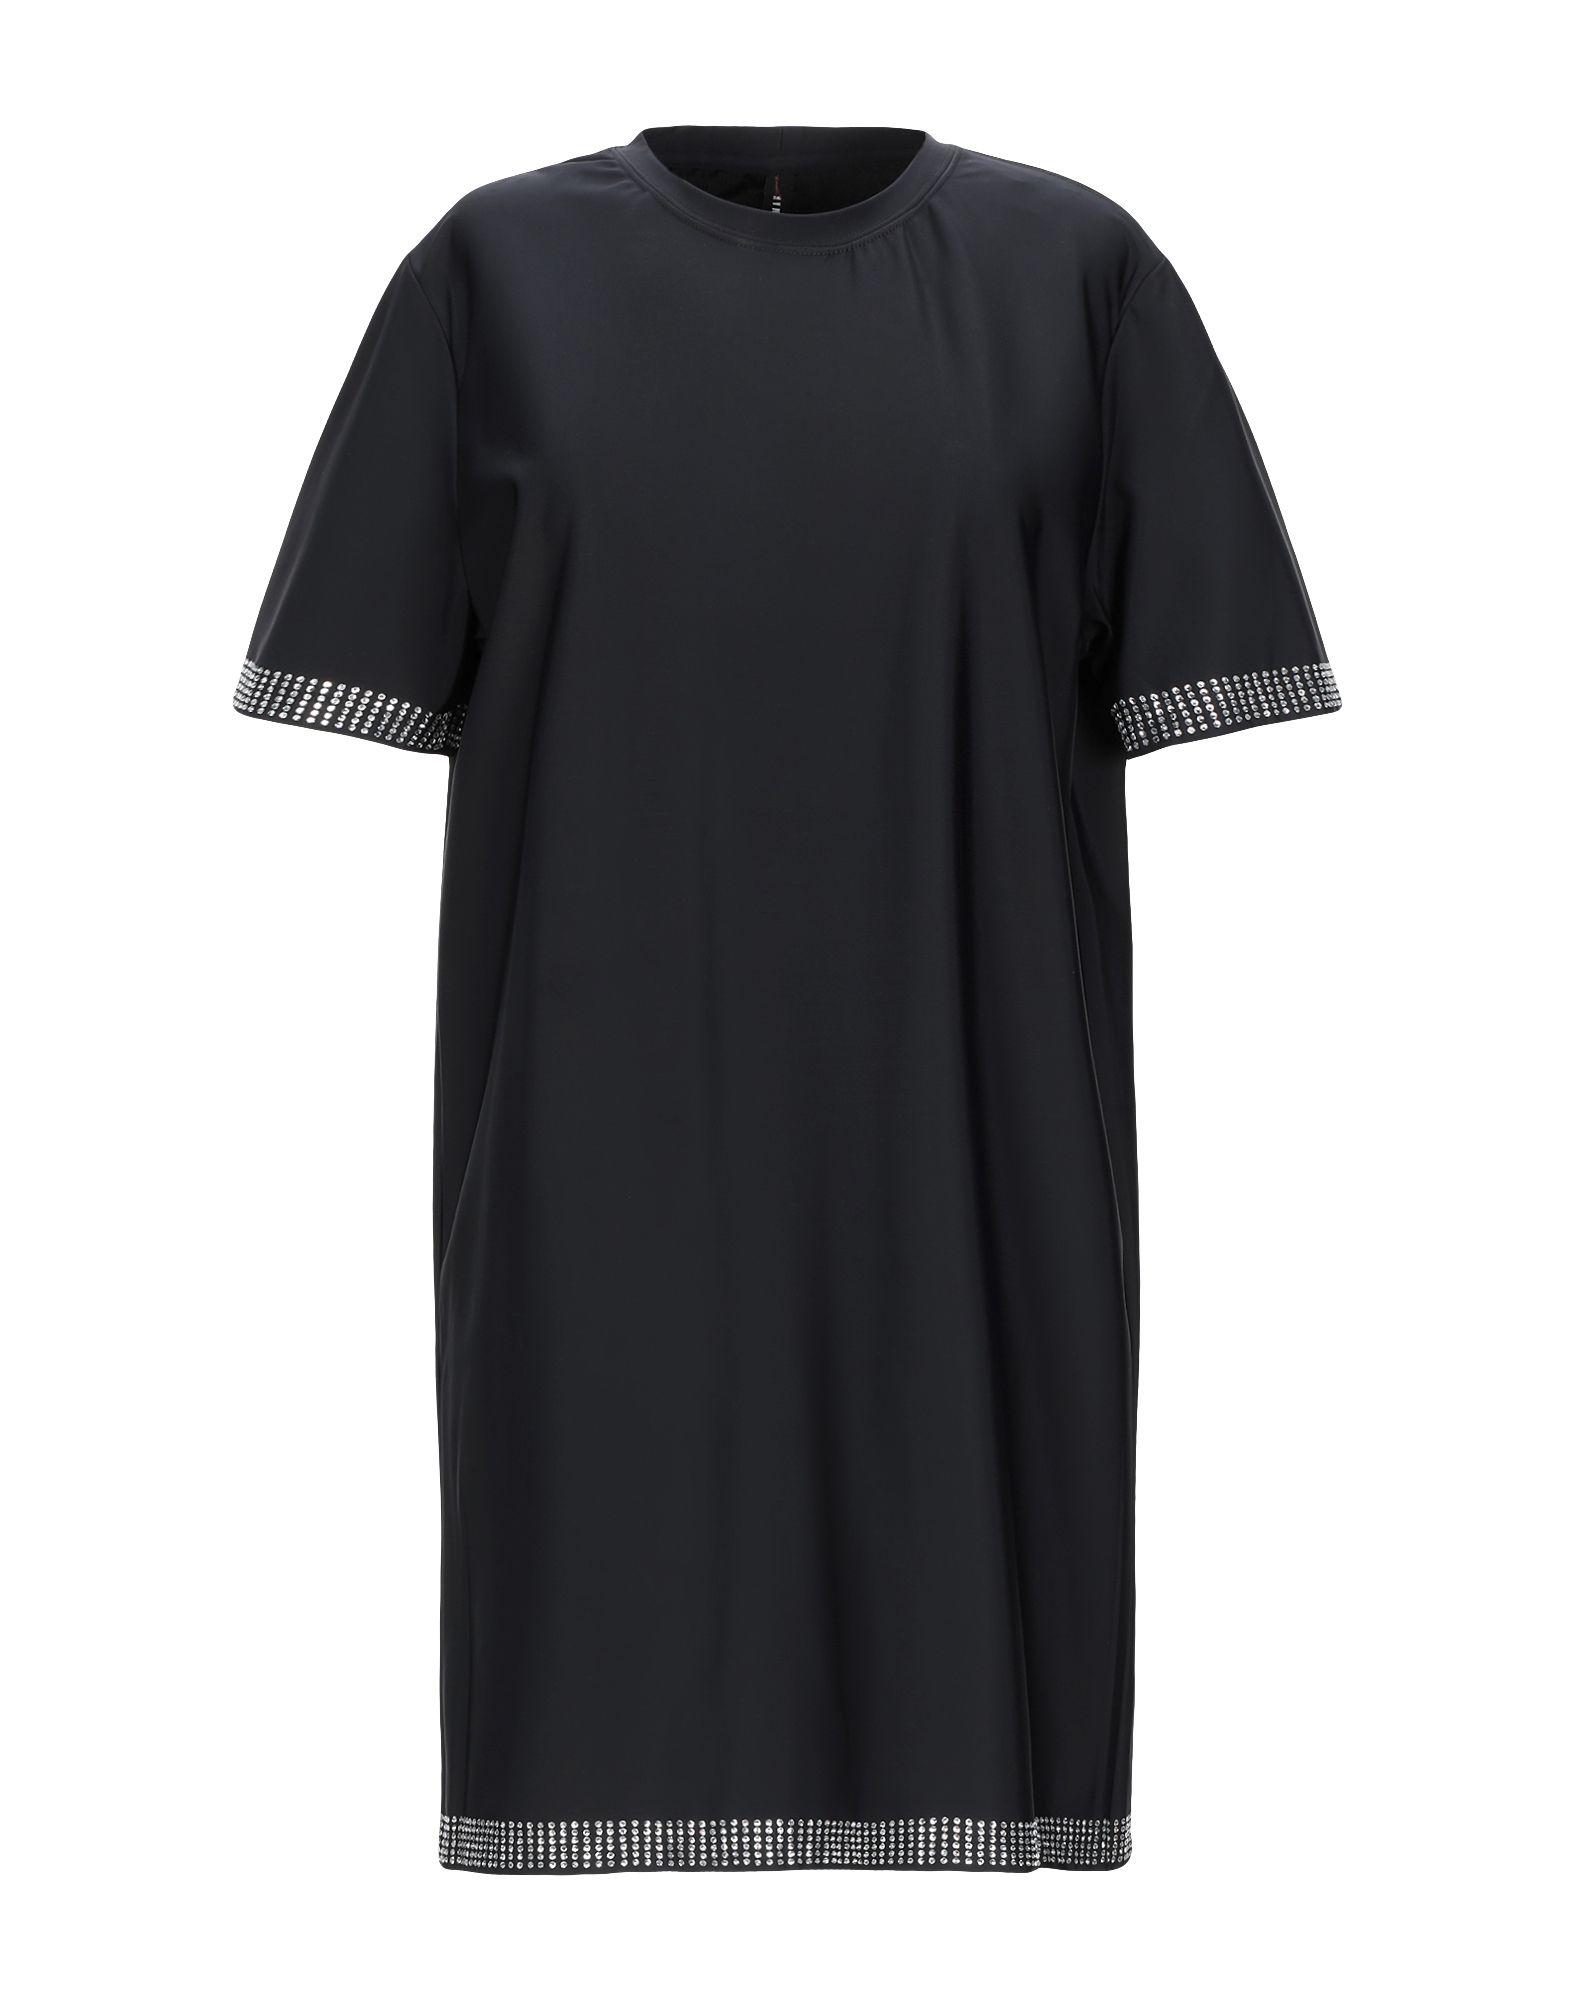 ADAM SELMAN SPORT Короткое платье цена в Москве и Питере